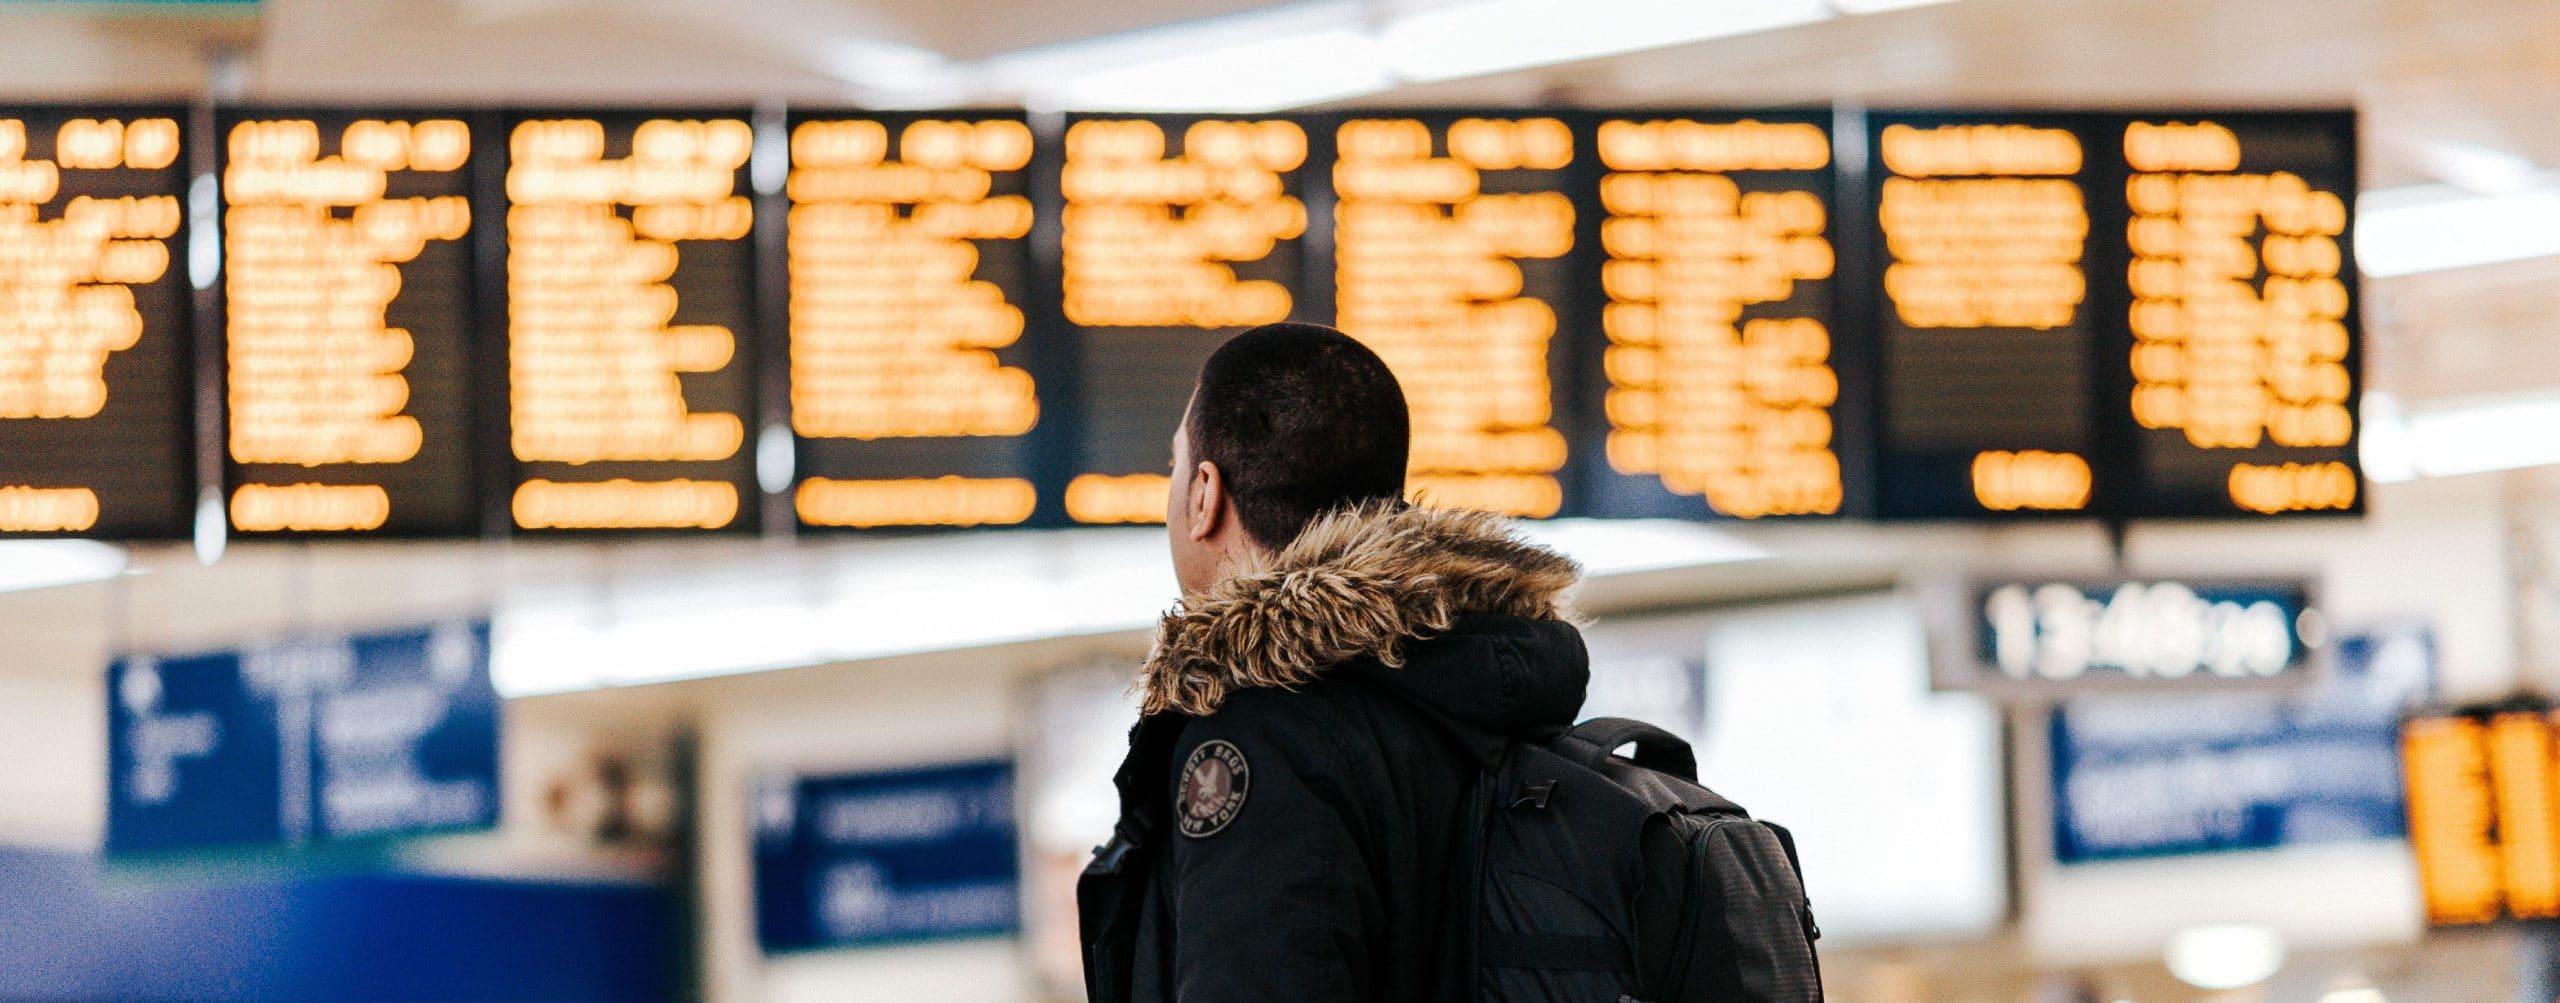 homme-regarde-panneau-aeroport